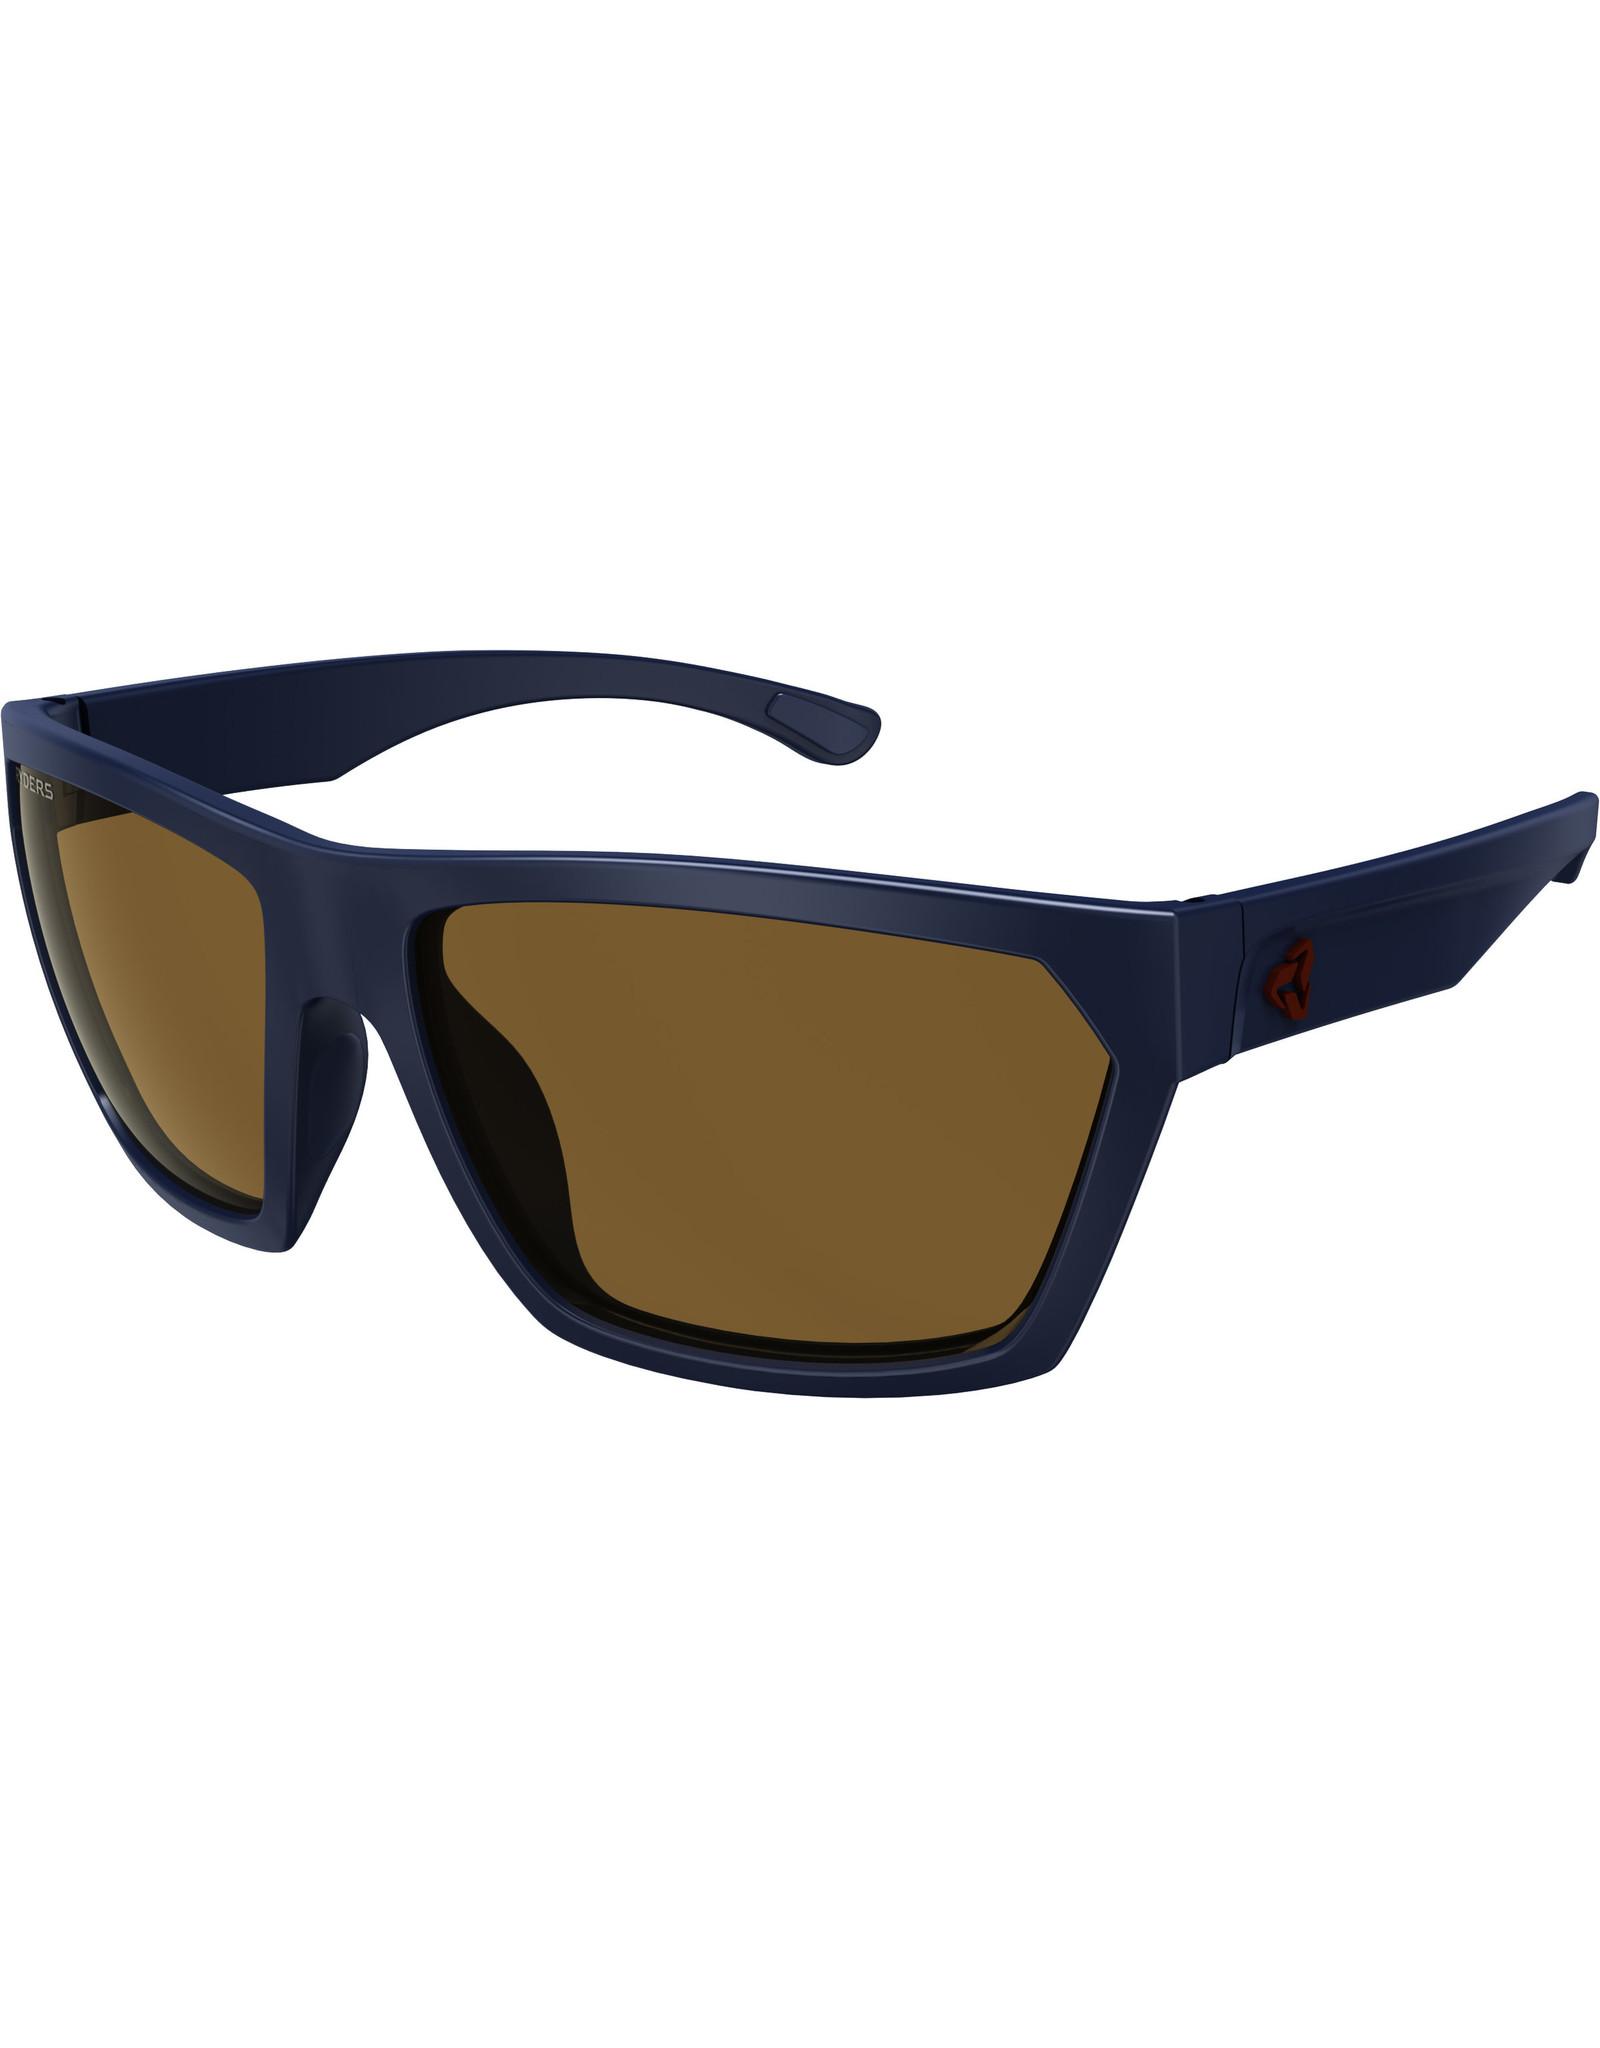 Ryders Eyewear - Loops Poly Black Matte/Brown Lens